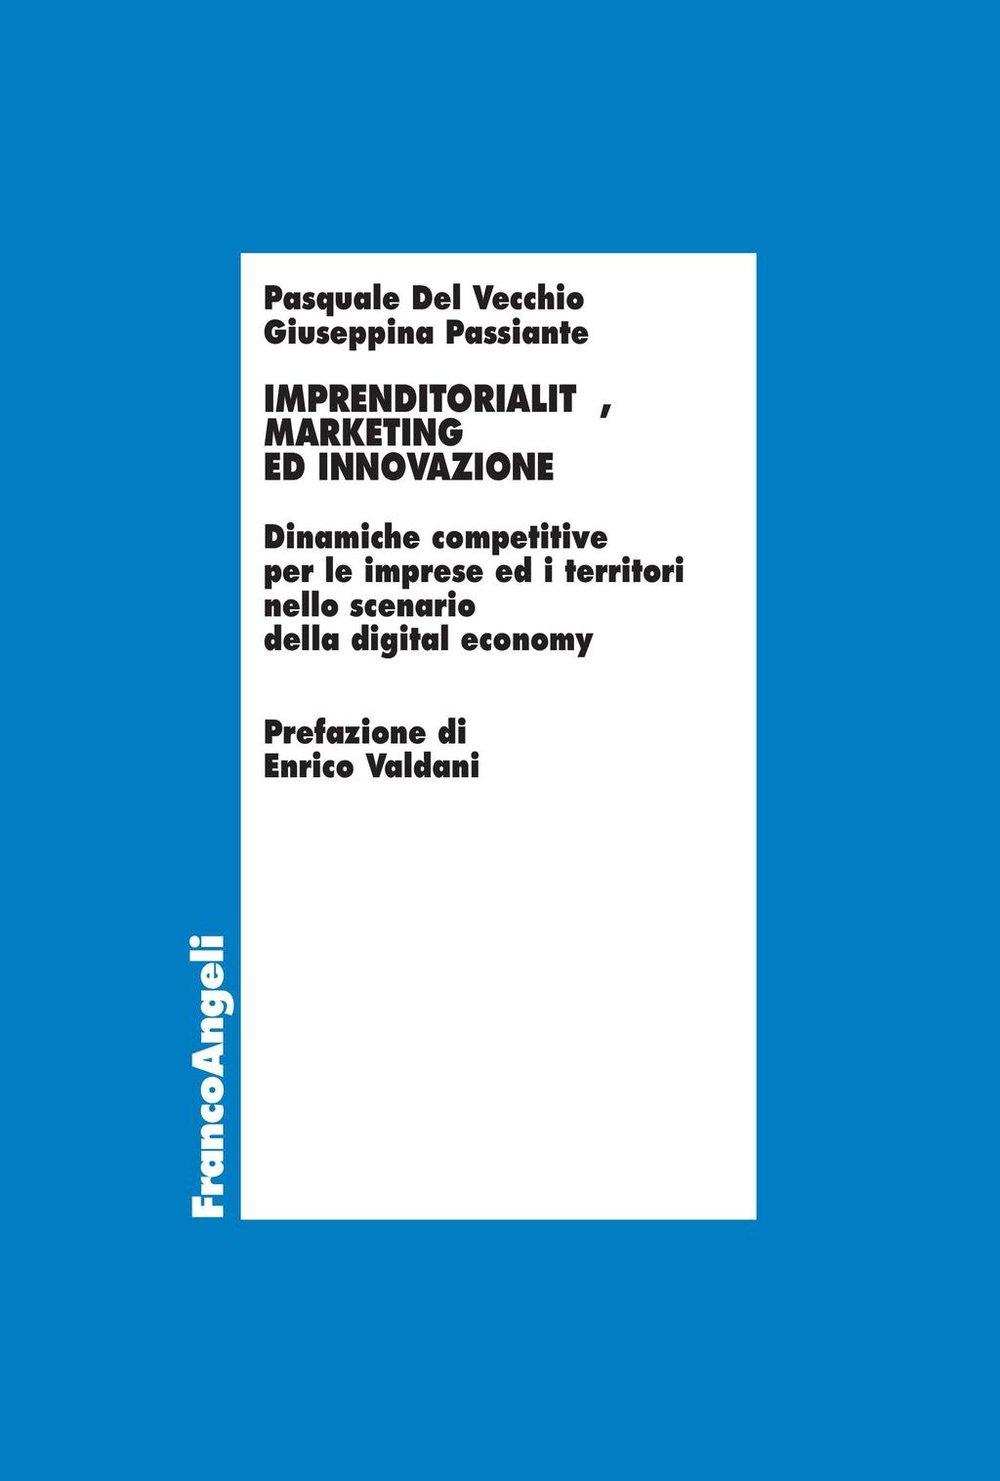 Imprenditorialità, marketing ed innovazione. Dinamiche competitive per le imprese ed i territori nello scenario della digital economy (Italian Edition)